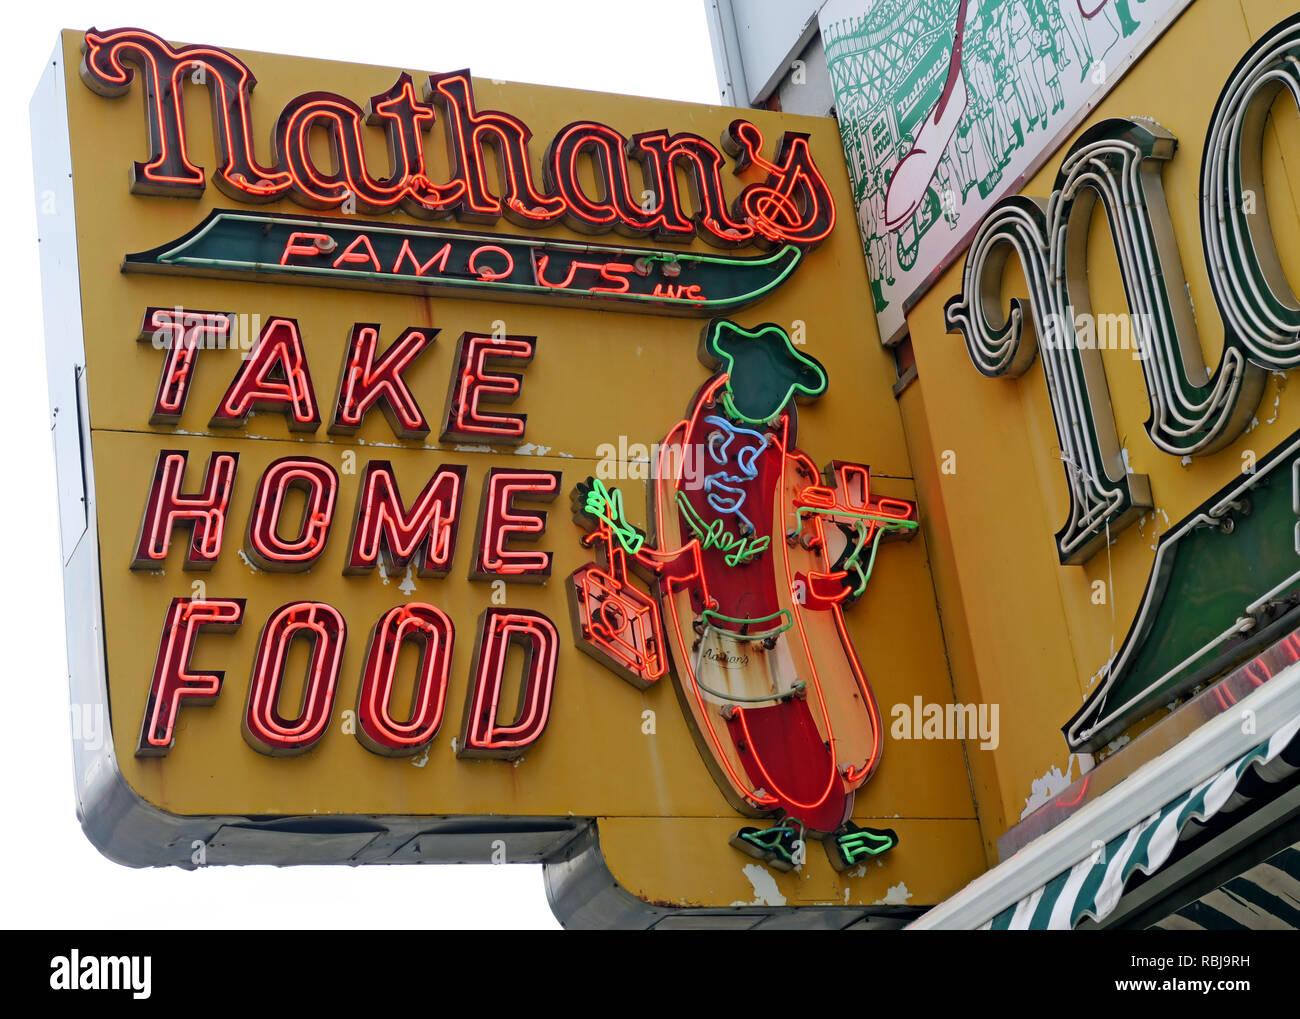 Laden Sie dieses Alamy Stockfoto Nathans Handwerker berühmten Würstchen Frankfurter Original Restaurant, Deli, Fast Food, Coney Island, im Stadtbezirk Brooklyn, New York, NY, USA - RBJ9RH